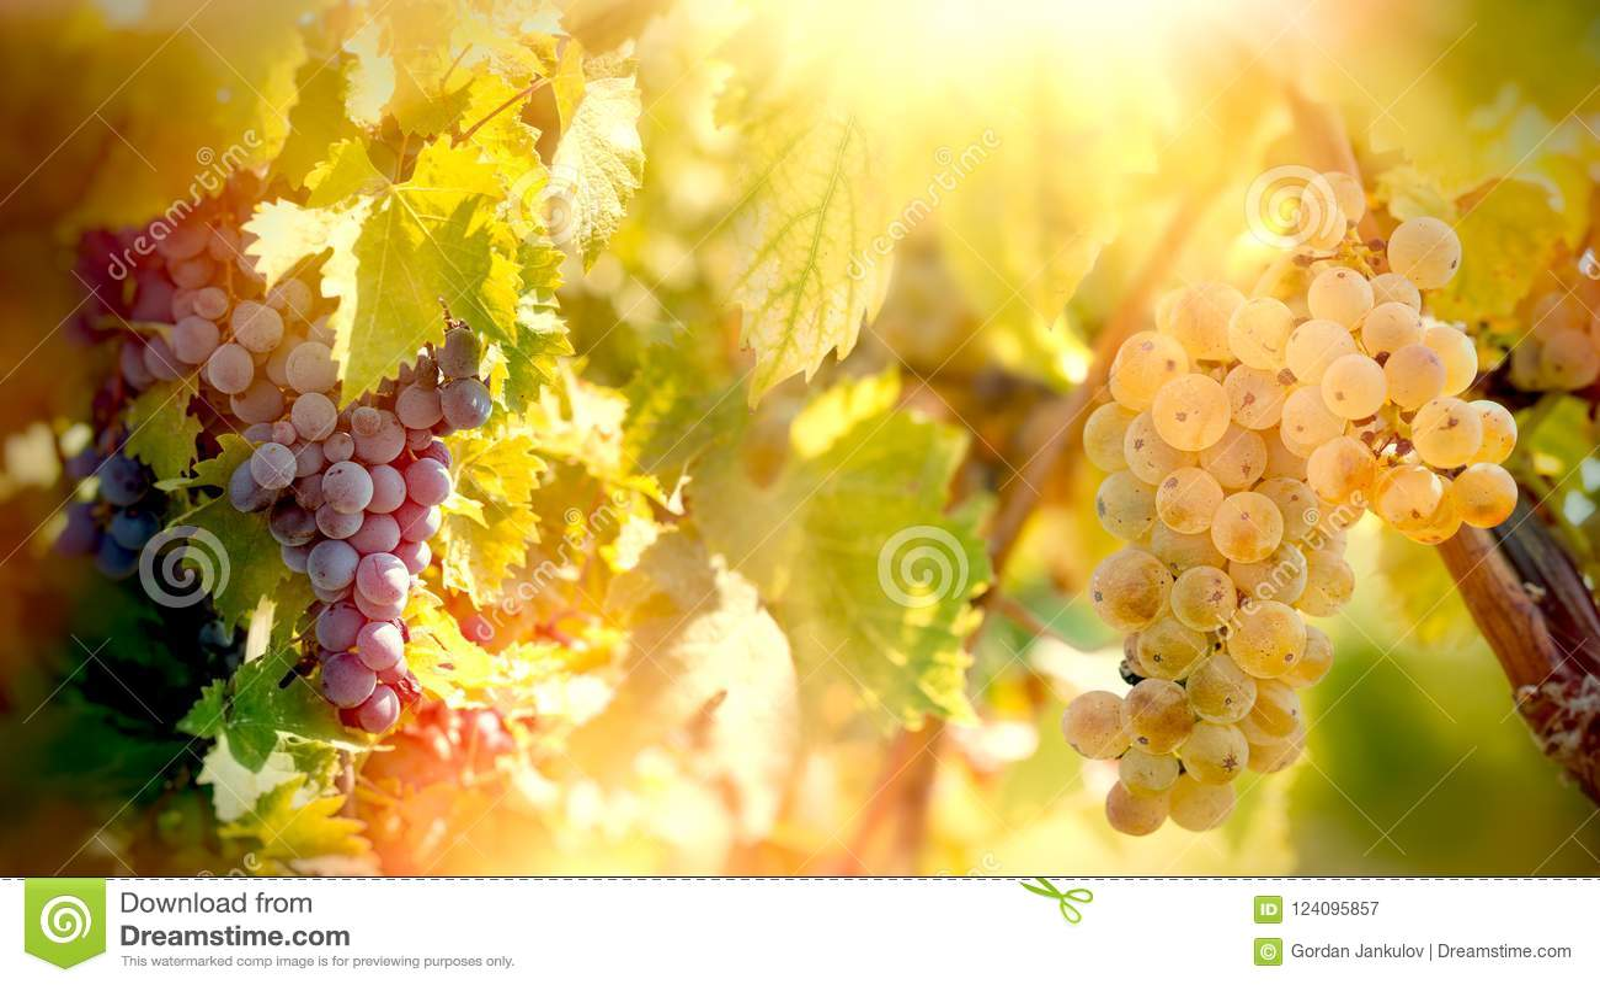 För Riesling för vita och röda druvor för druva - druva vin på vinrankor, på vinranka i vingård